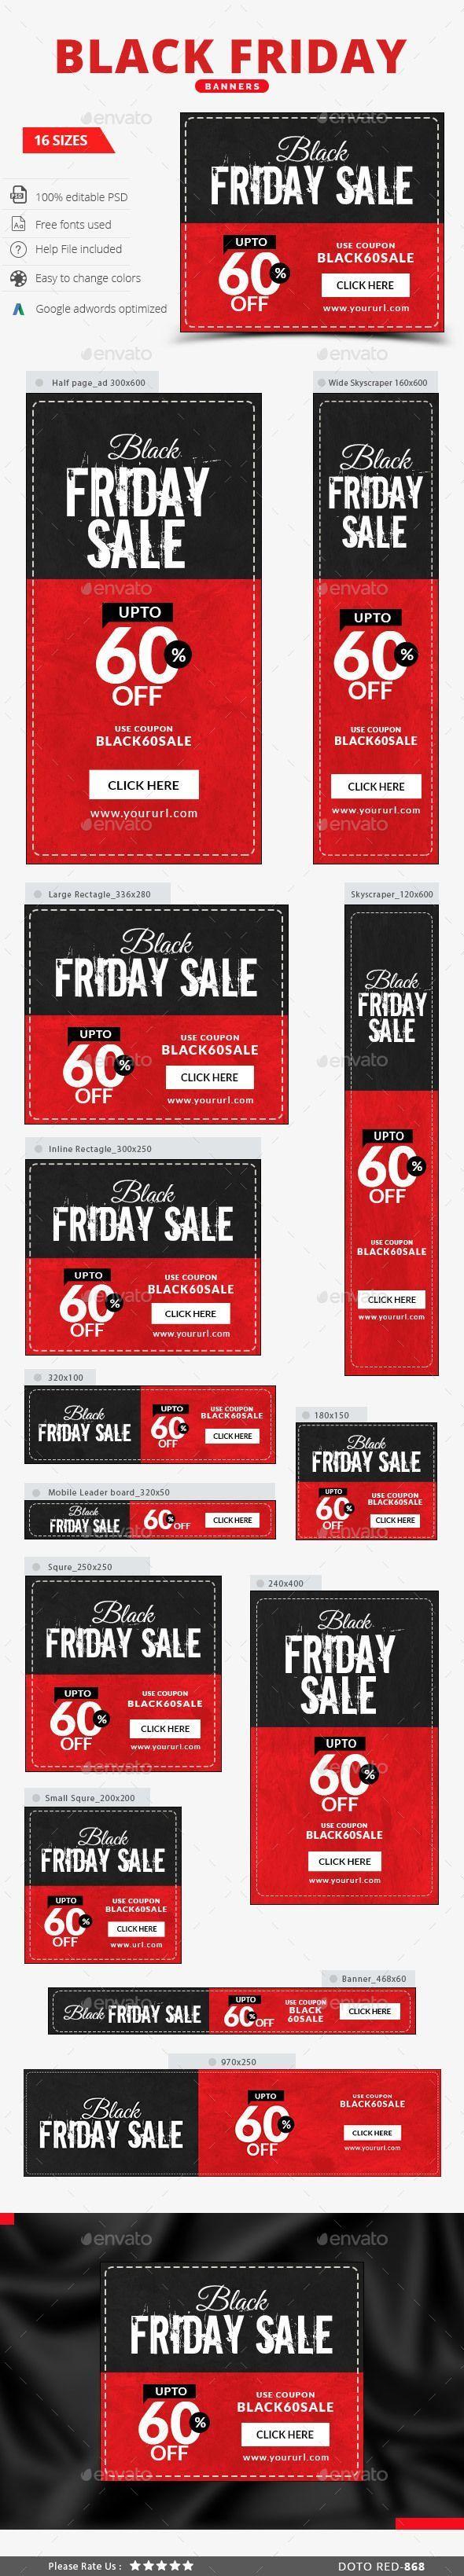 Black Friday Web Banner Vorlage Psd Design Ads Download Graphicriver Net Black Friday Banner Web Banner Black Friday Web